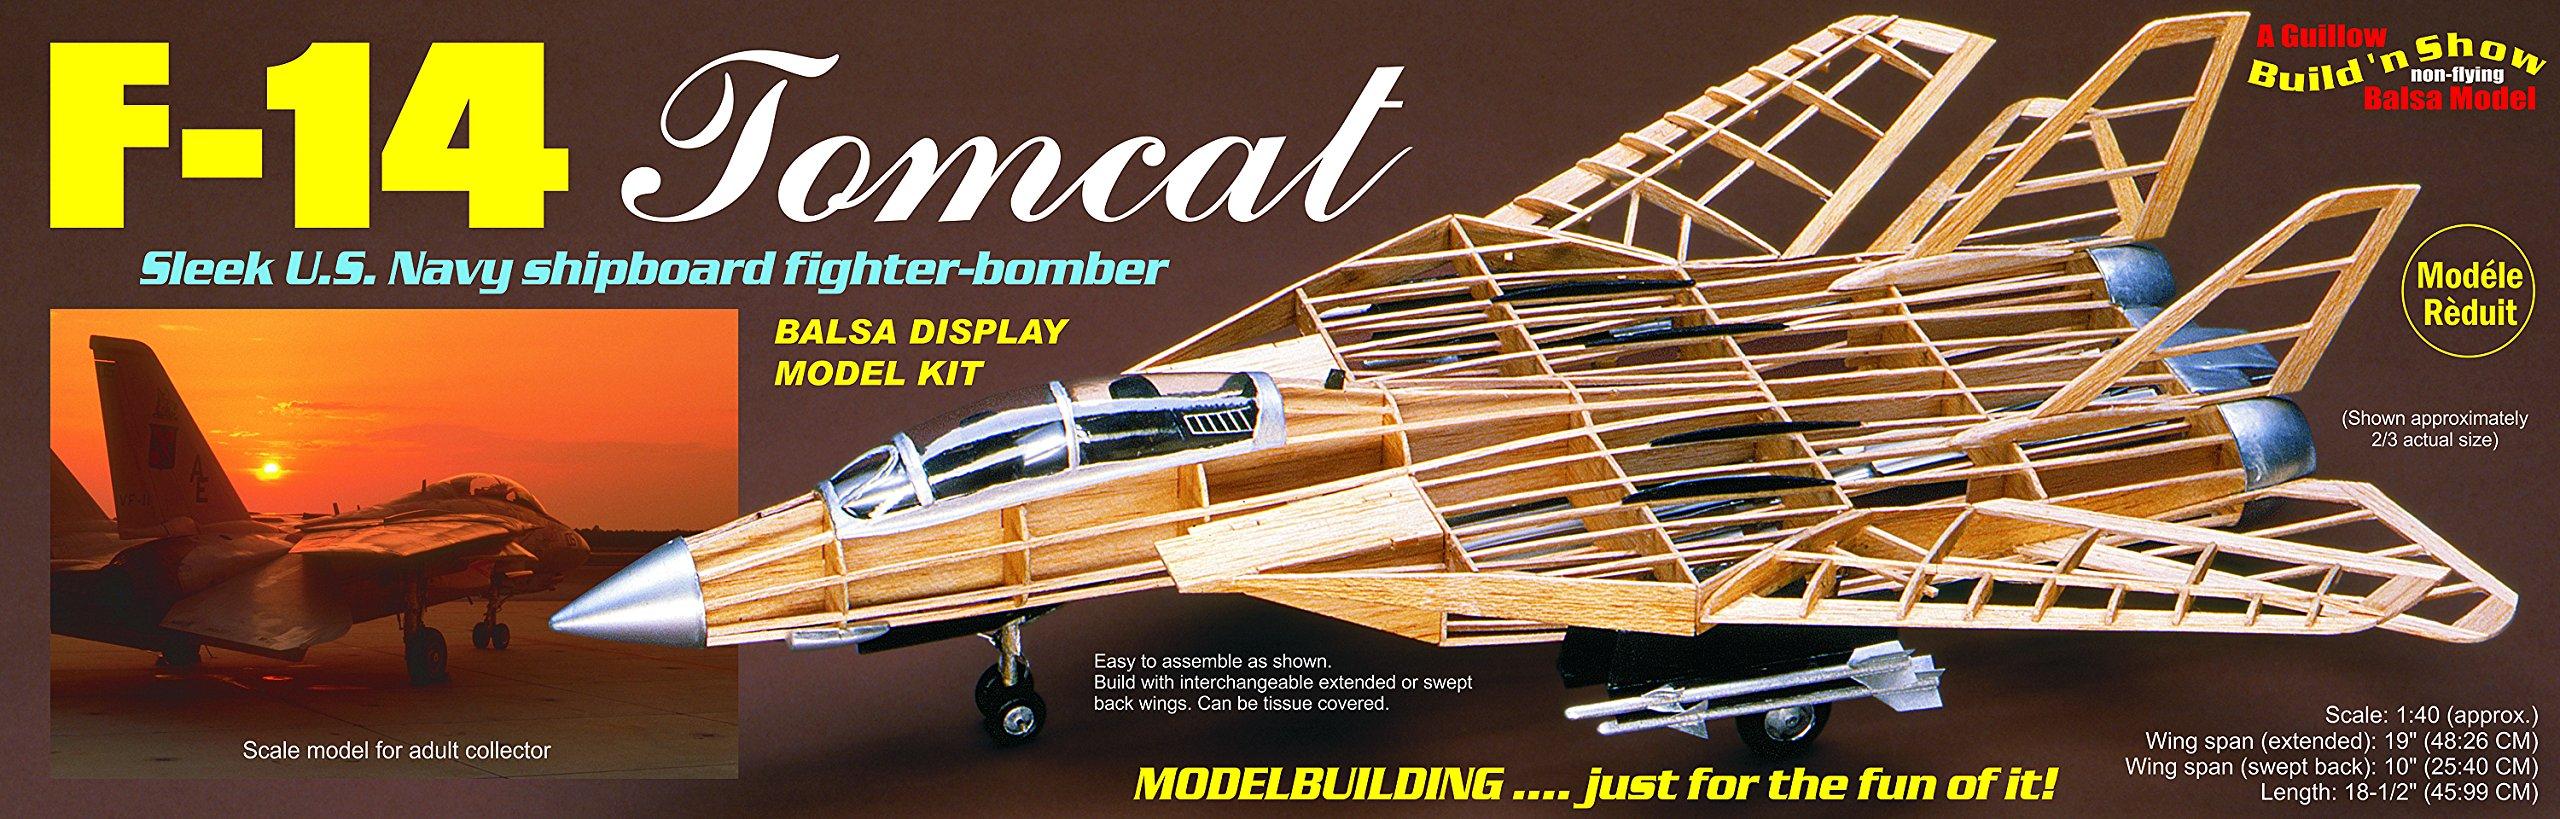 Guillow's F-14 Tomcat Model Kit